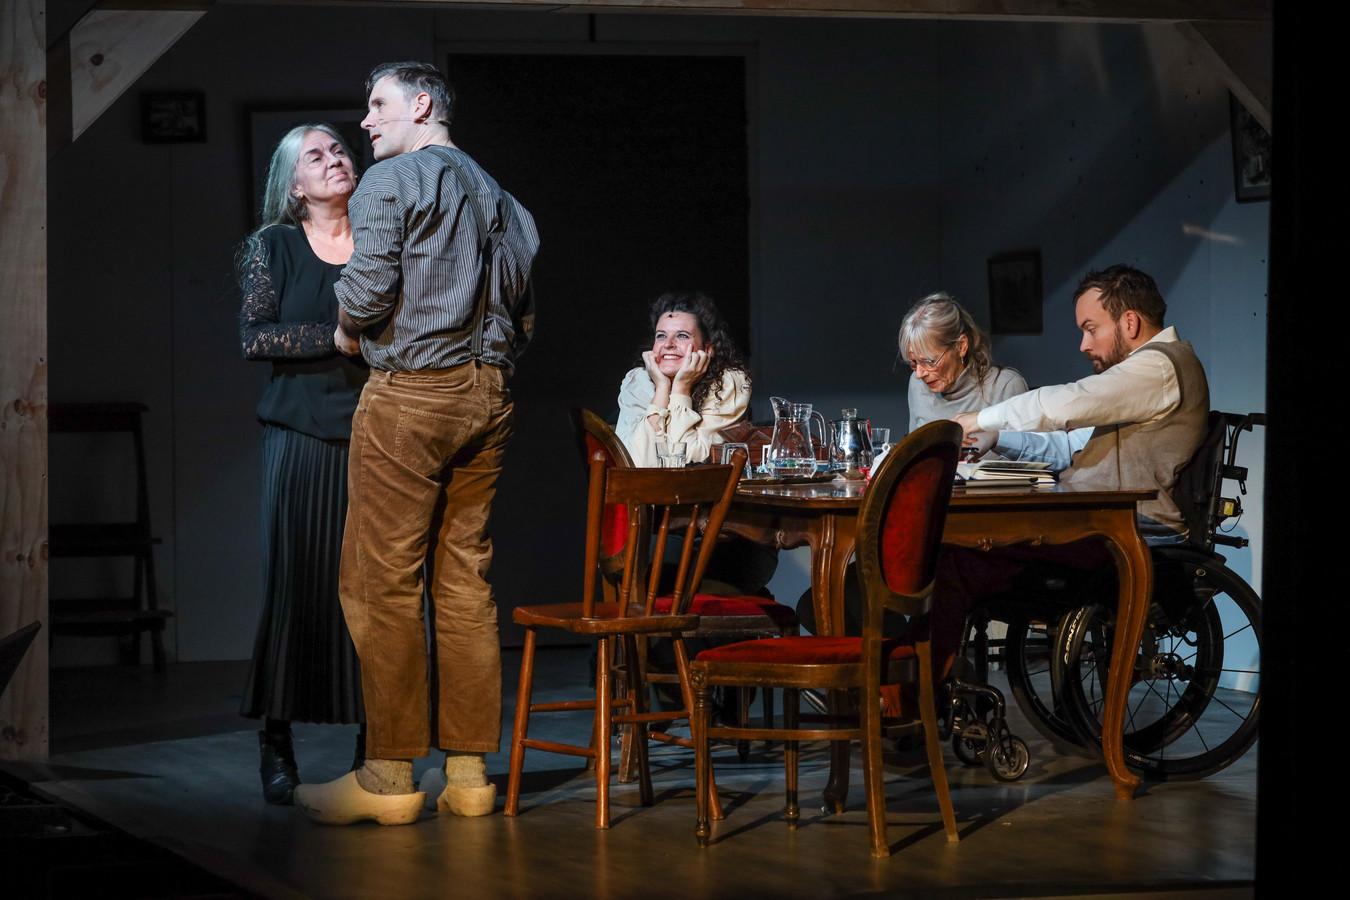 Jeanne Roozendaal-Peters (links) speelt een indrukwekkende rol in het theaterstuk Granaatweken van de Schijndelse Theatergroep Wildeman. Zij vertelt het verhaal over haar verschrikkelijke periode in de schuilkelder in het heden aan haar dochter en kleinzoon.